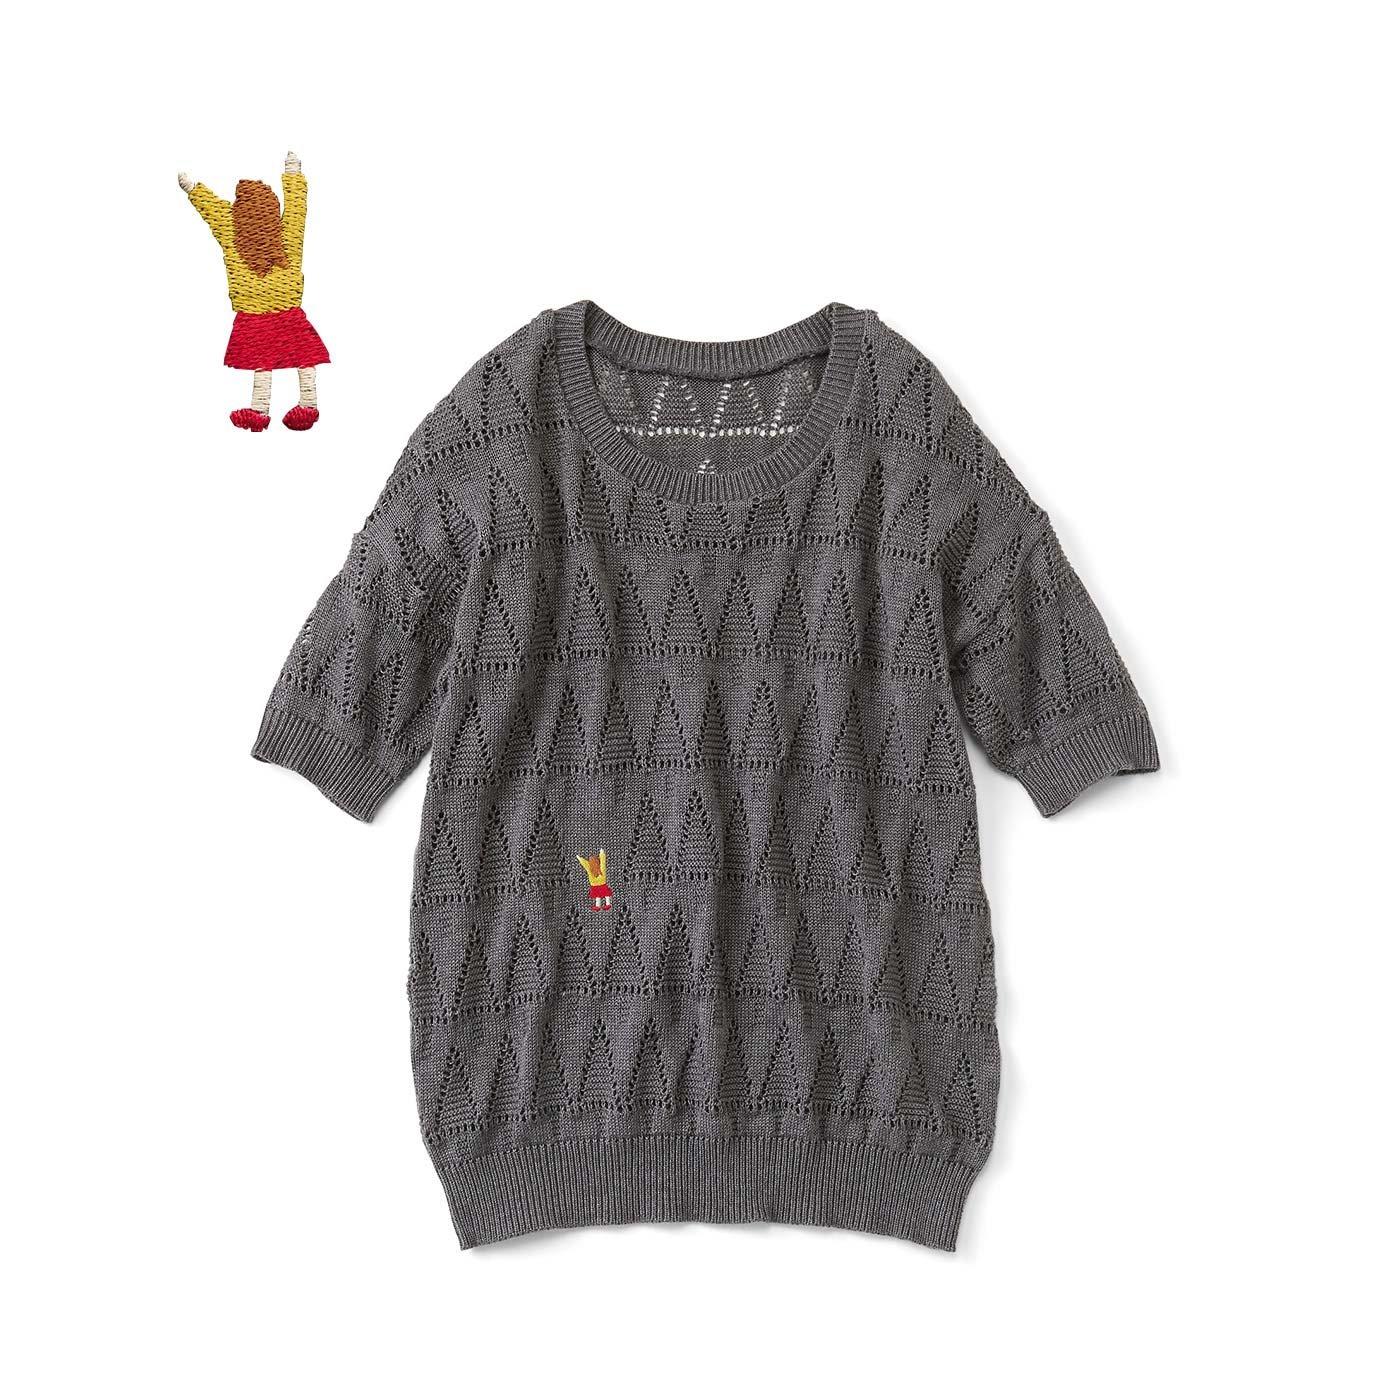 ぽちっと刺しゅうの透かし編みニットトップス〈迷子/グレー〉